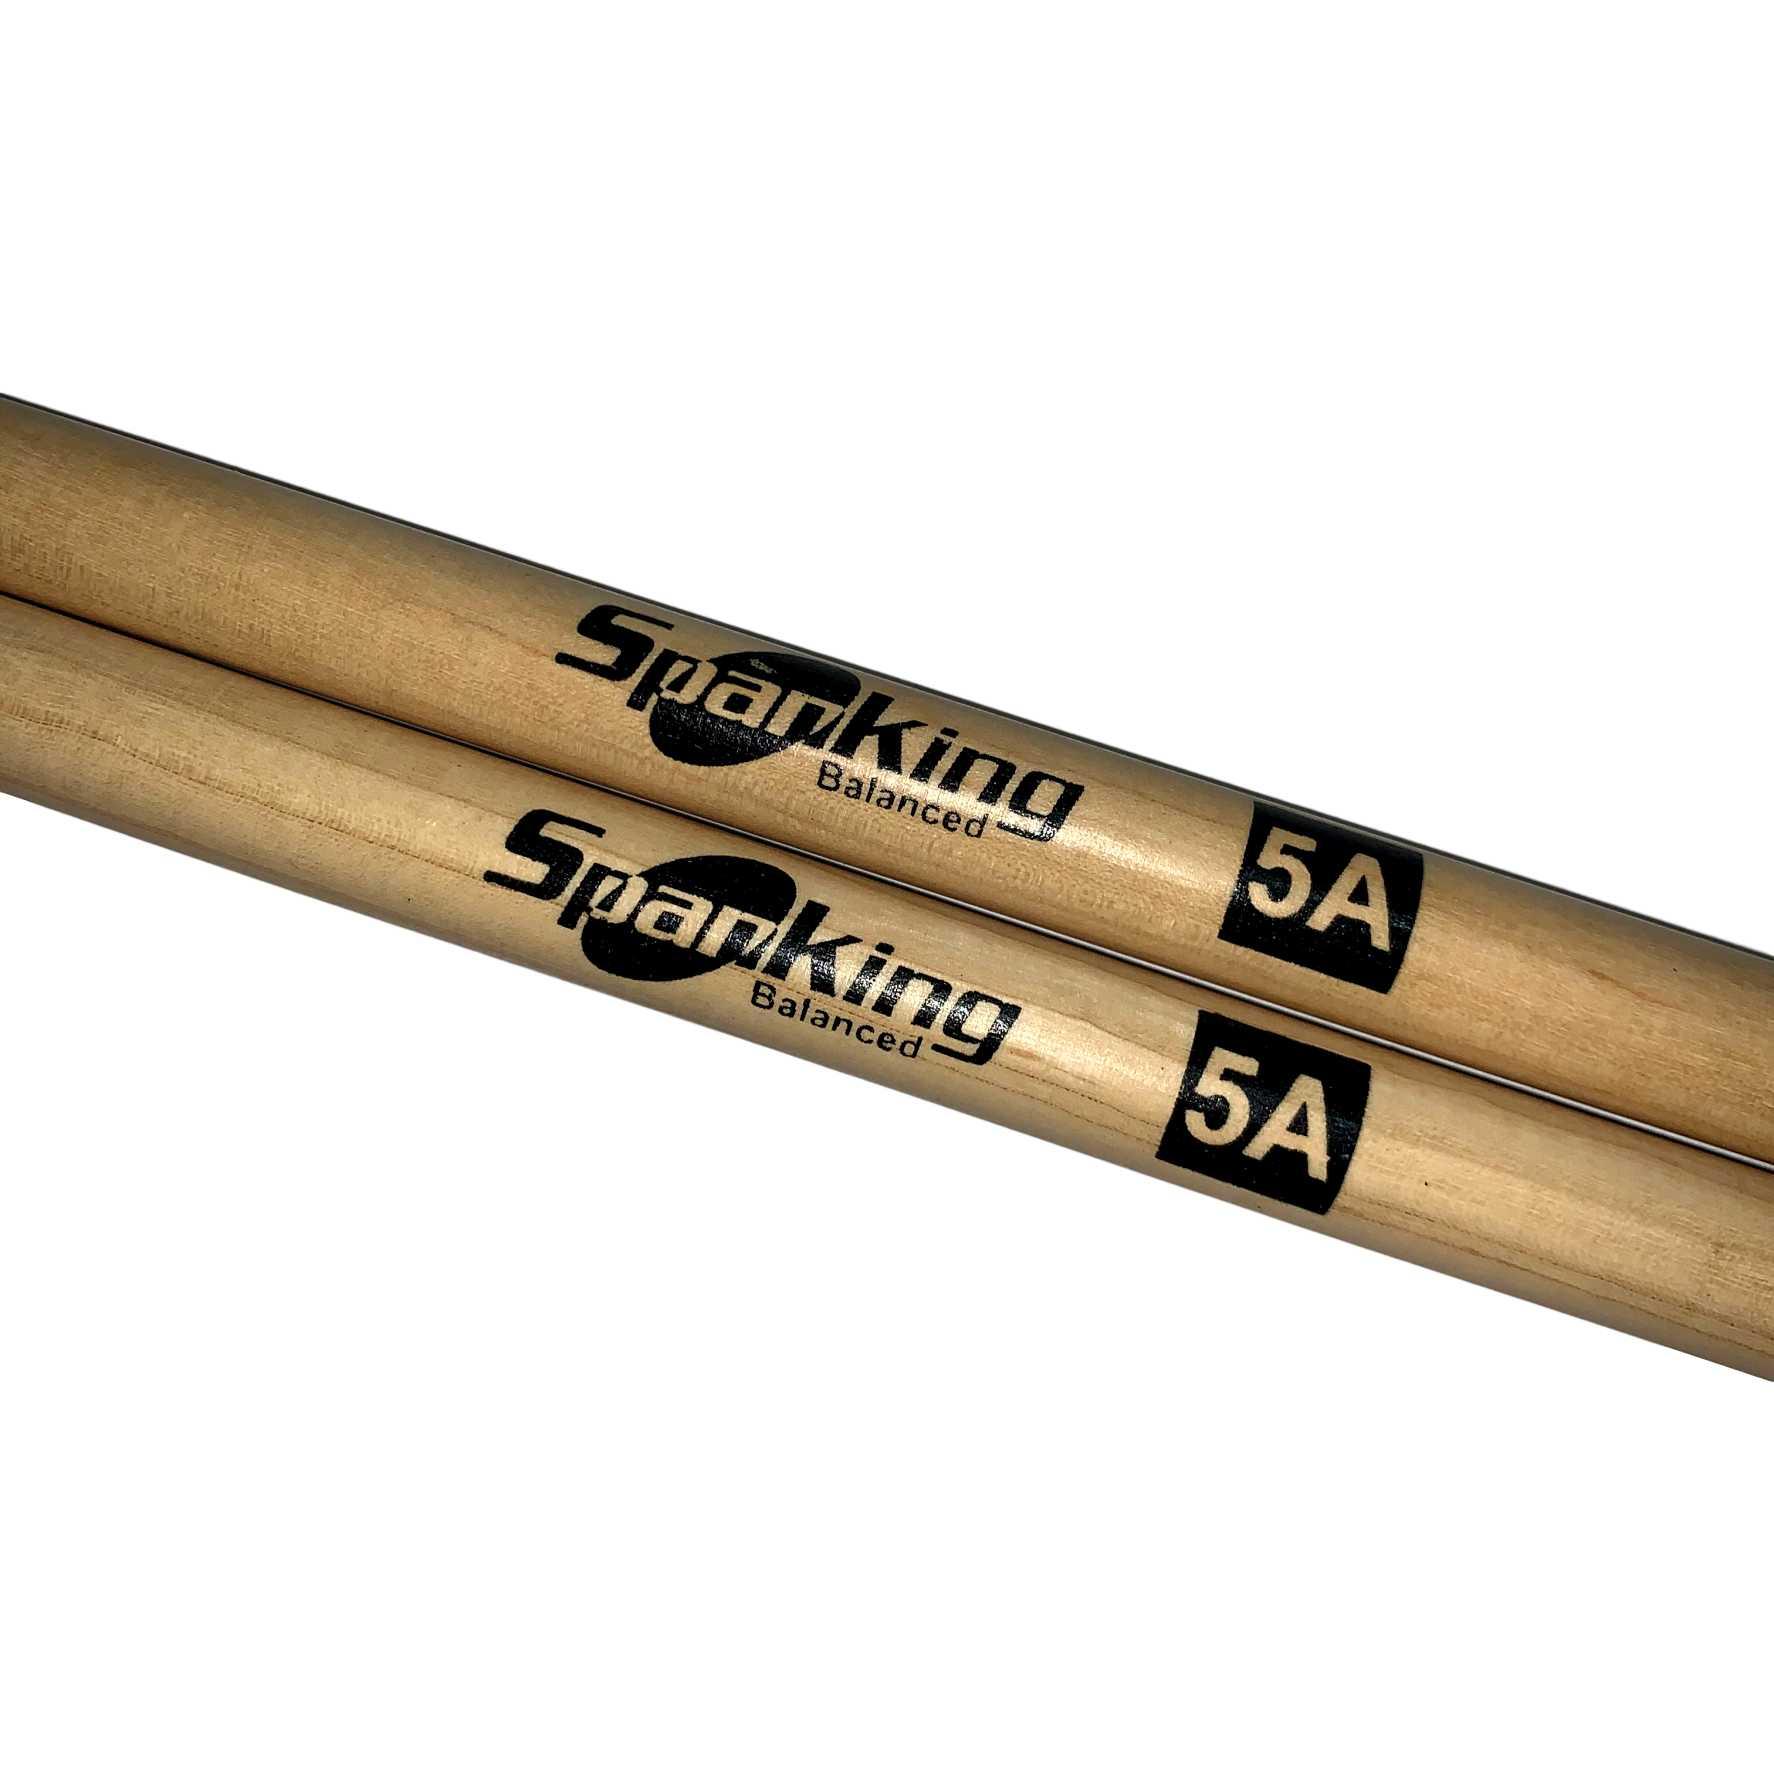 Baqueta 5a Ponta de madeira Spanking Par